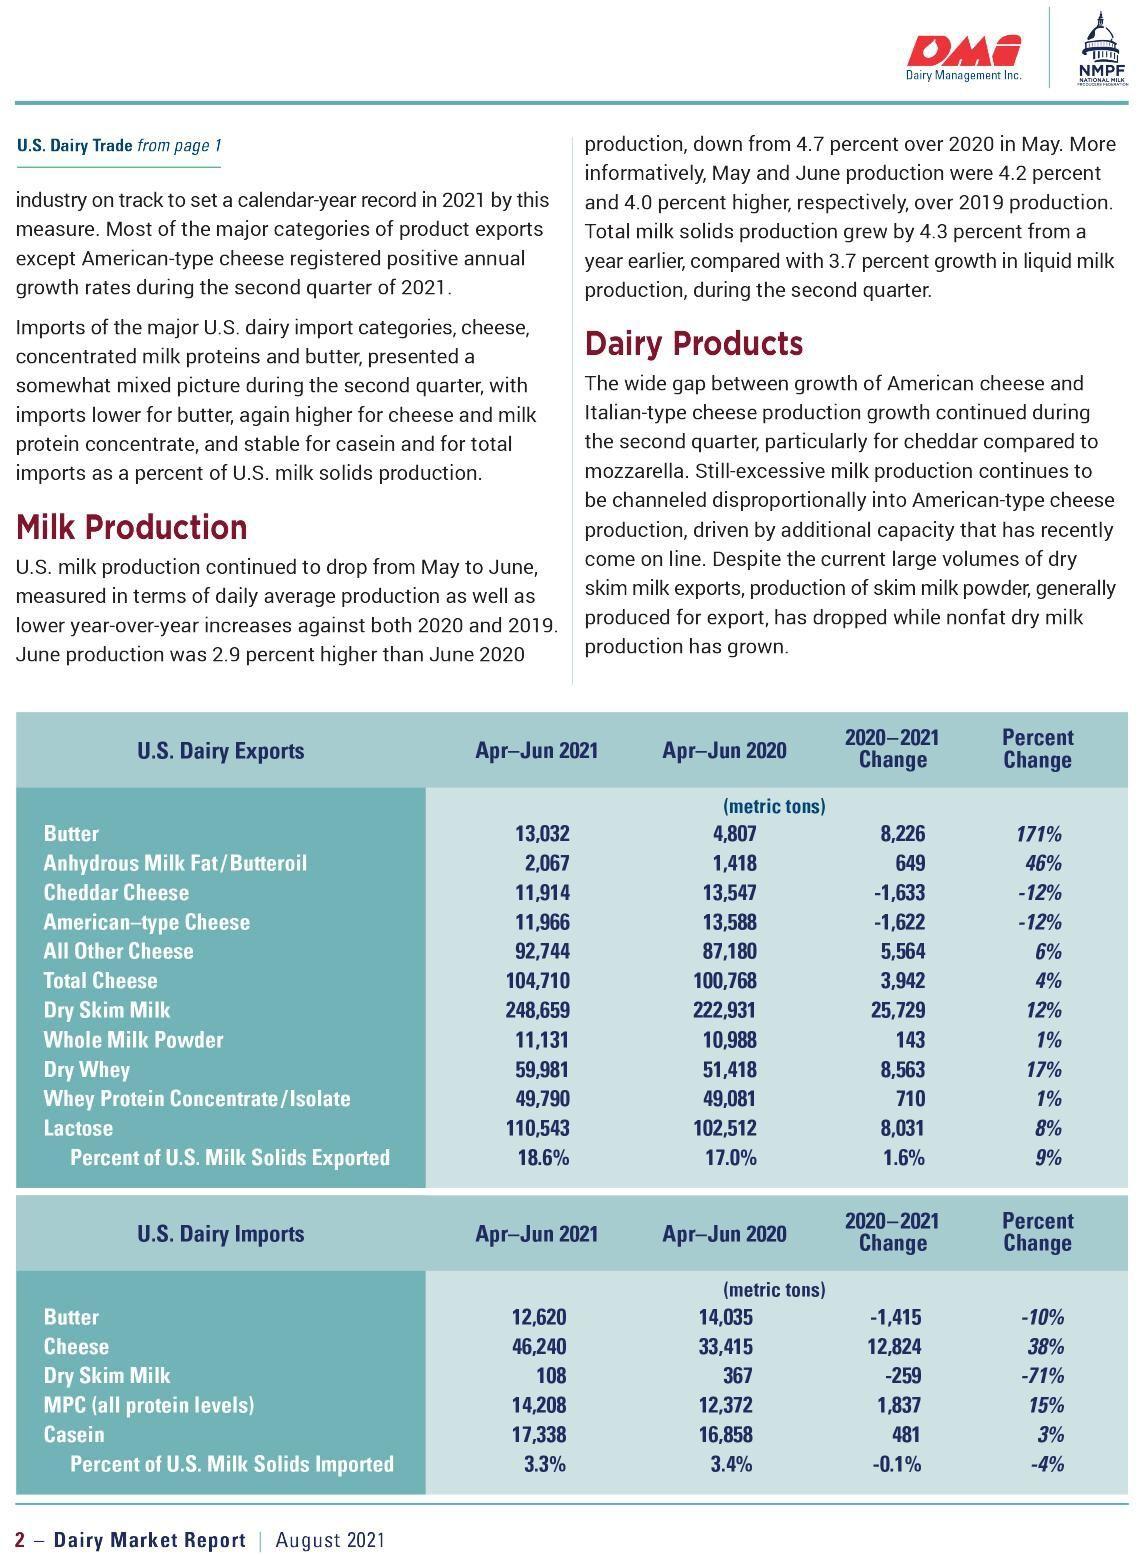 090221-agrv-mark-dairy2.pdf